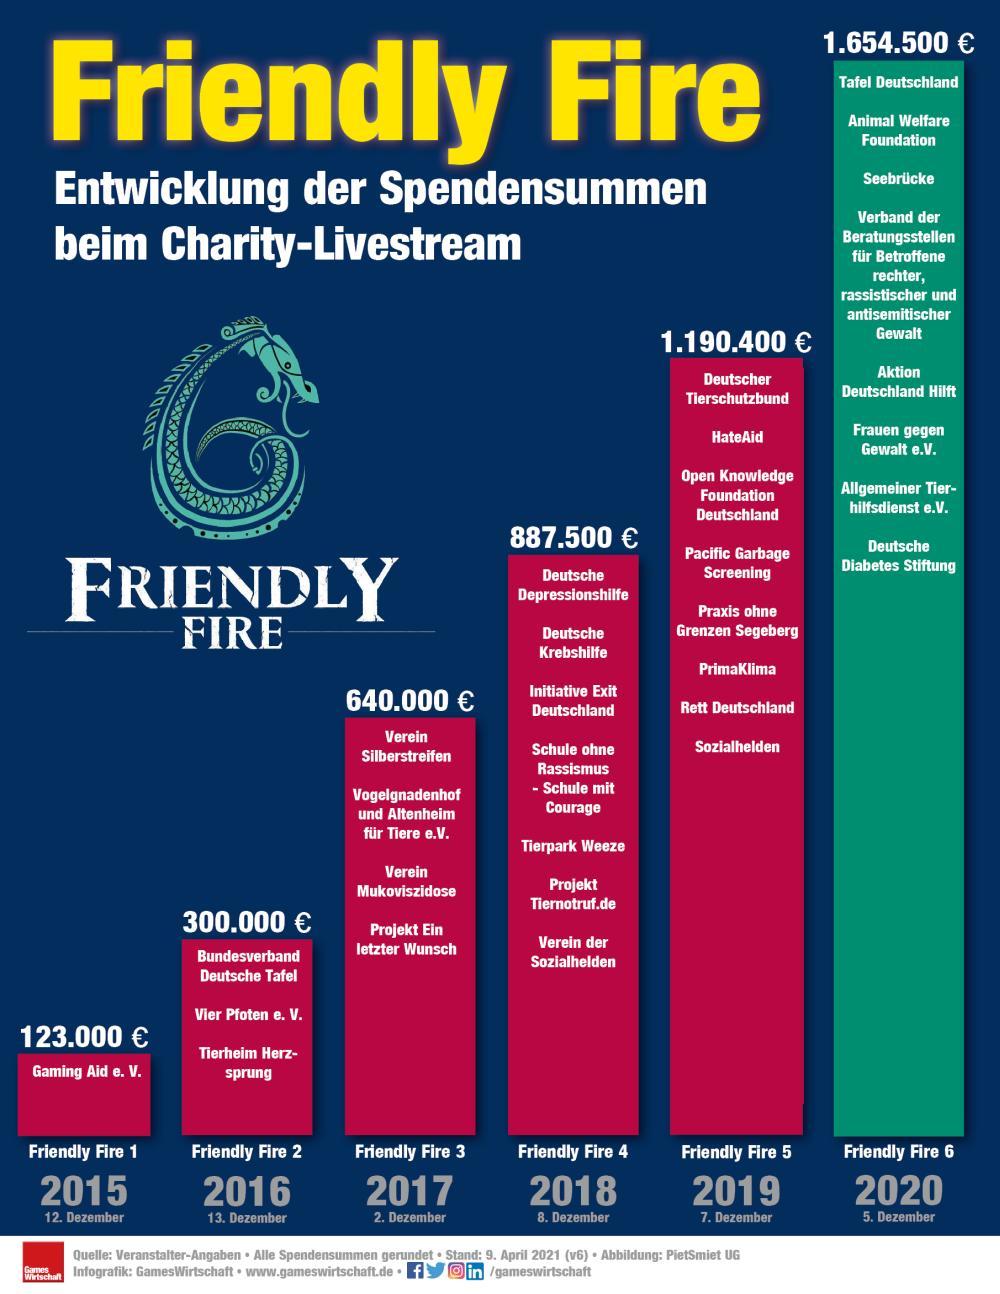 Mit über 1,6 Mio. Euro hat Friendly Fire 6 einen neuen Spenden-Rekord aufgestellt (Stand: 4. Juni 2021)